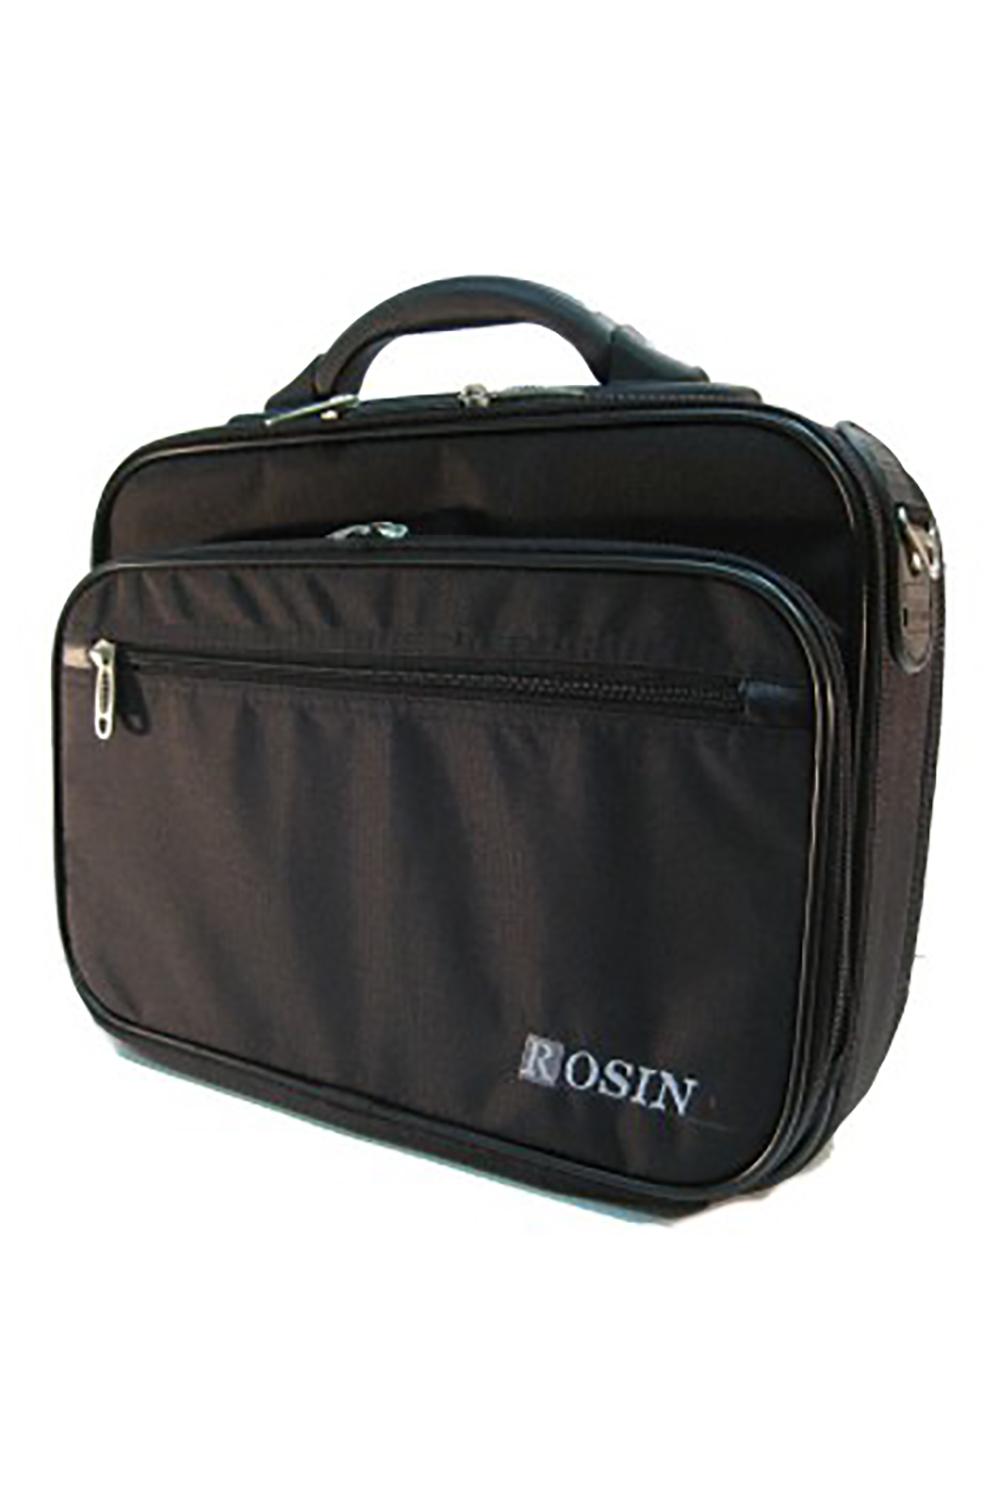 СумкаДеловые<br>Удобная и вместительная мужская сумка. Пластмассовый каркас.  Размеры: 38*14*28 см  Цвет: черный<br><br>Размер : UNI<br>Материал: Полиэстер<br>Количество в наличии: 1